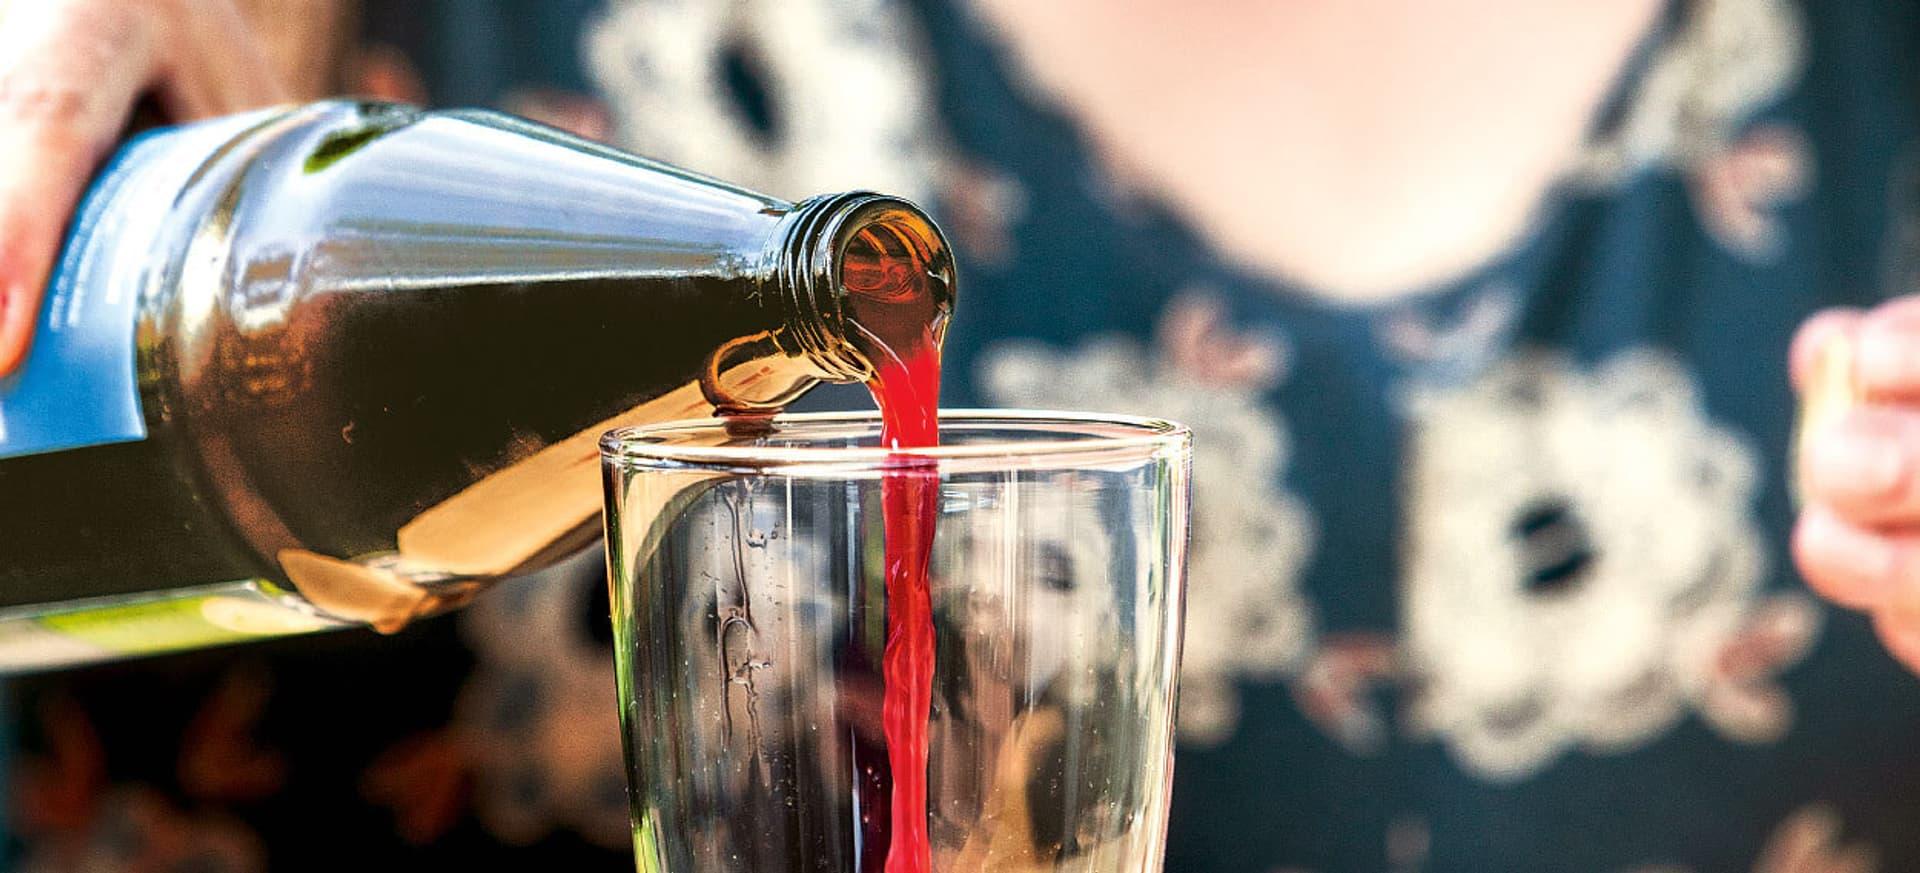 Aus einer Flasche wird rote Flüssigkeit in ein Glas gegossen